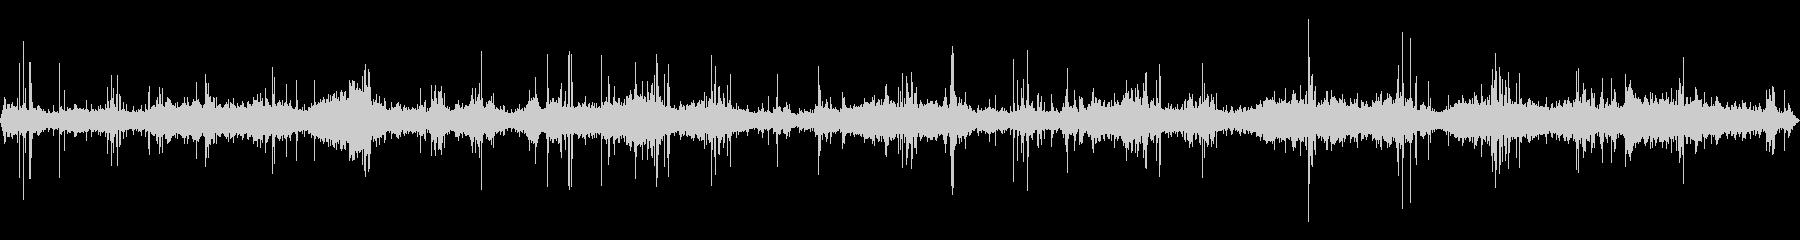 ロッキーピアのメディウムウェーブ、...の未再生の波形